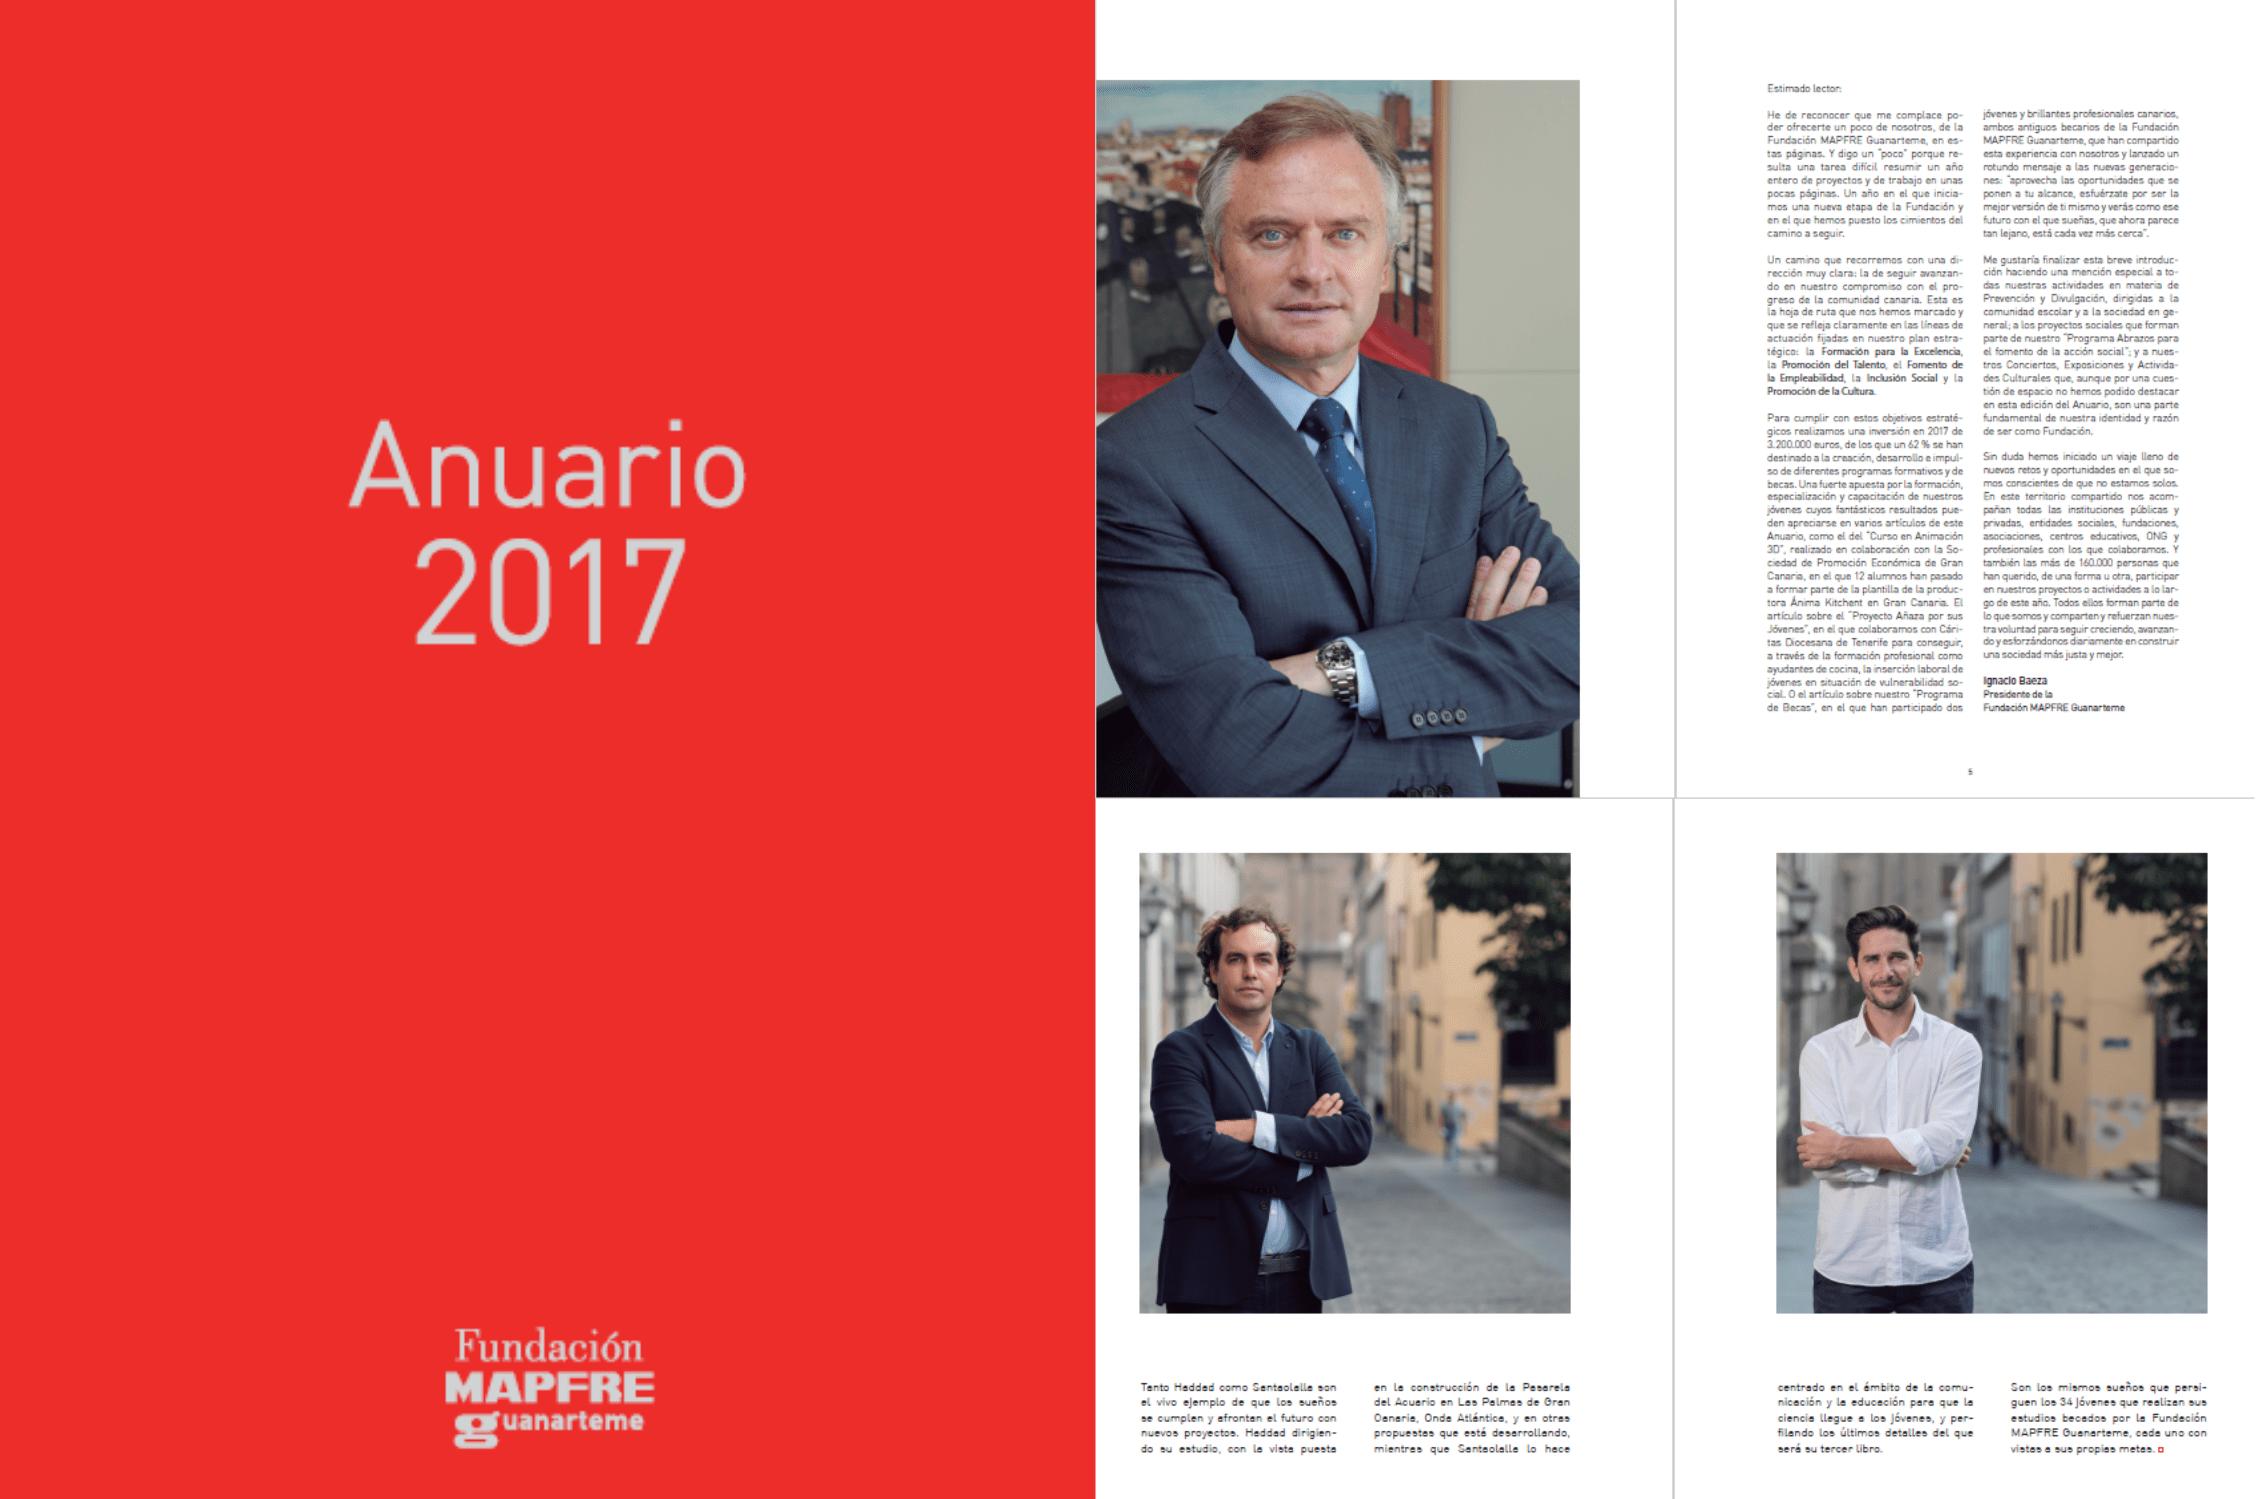 Elaboramos el Anuario 2017 de la Fundación MAPFRE Guanarteme, este año por primera vez en formato digital